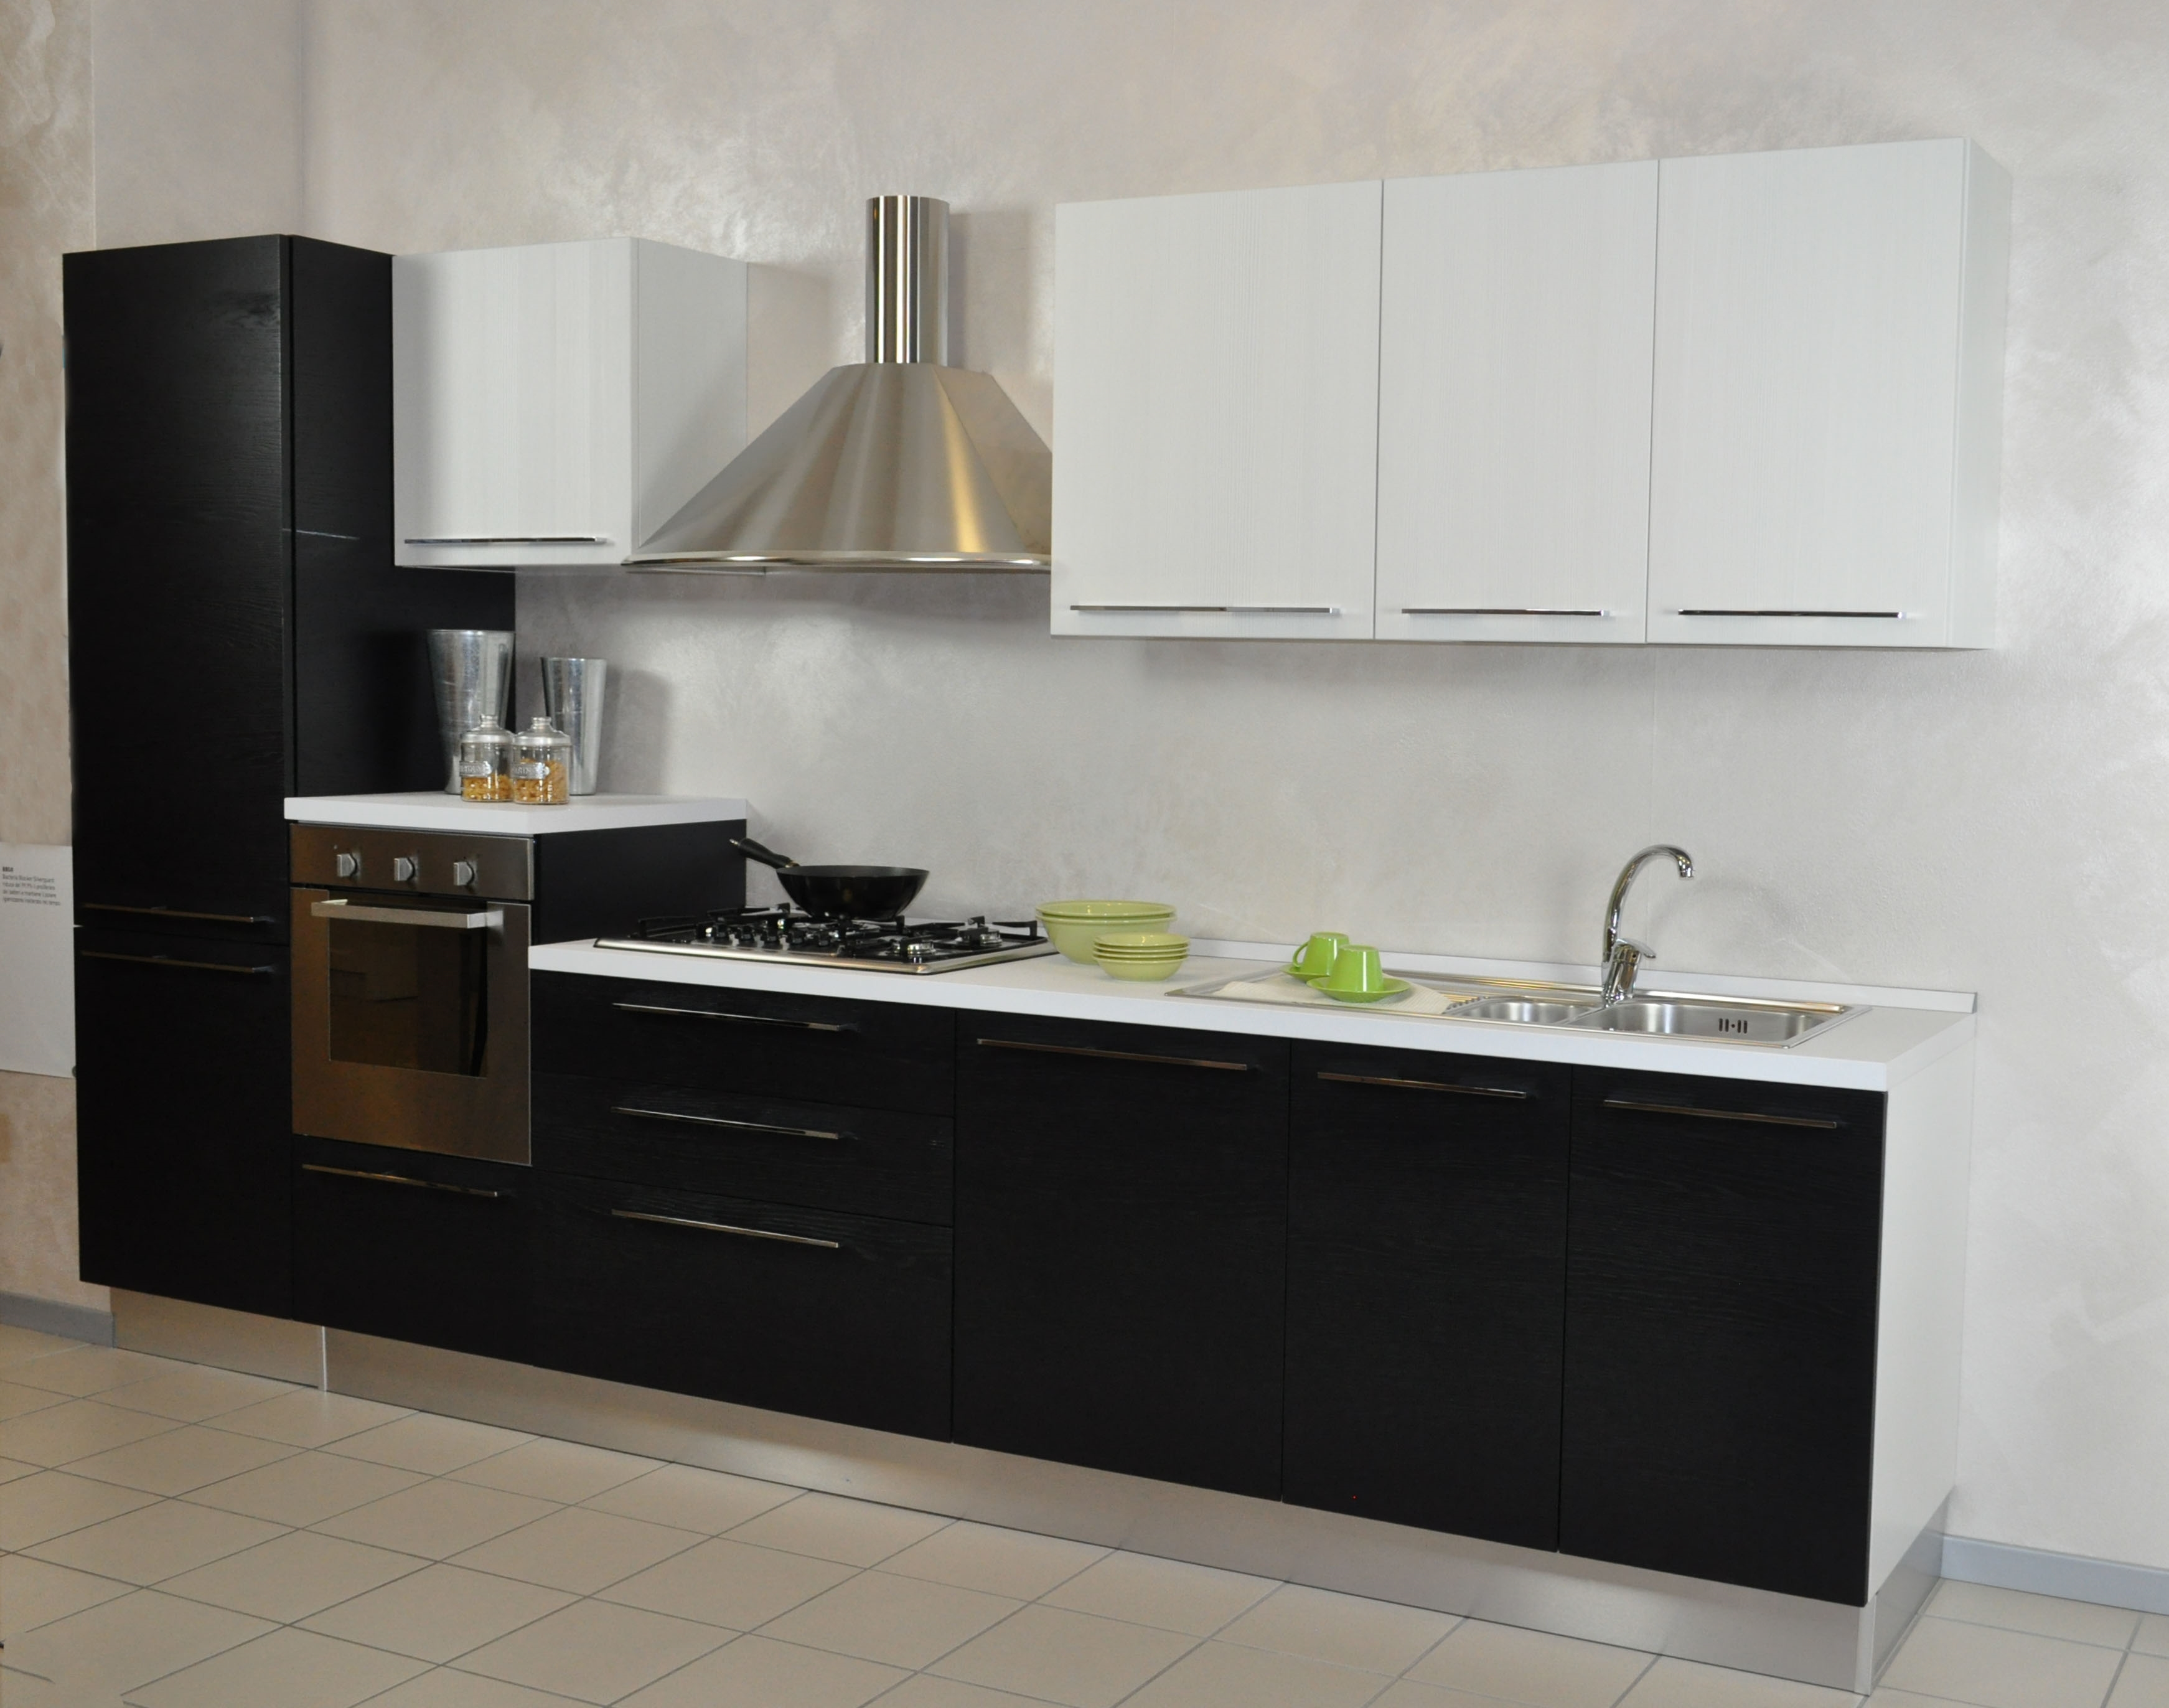 cucina moderna lube nilde impiallacciata sconto del 47 On cucine nuove prezzi